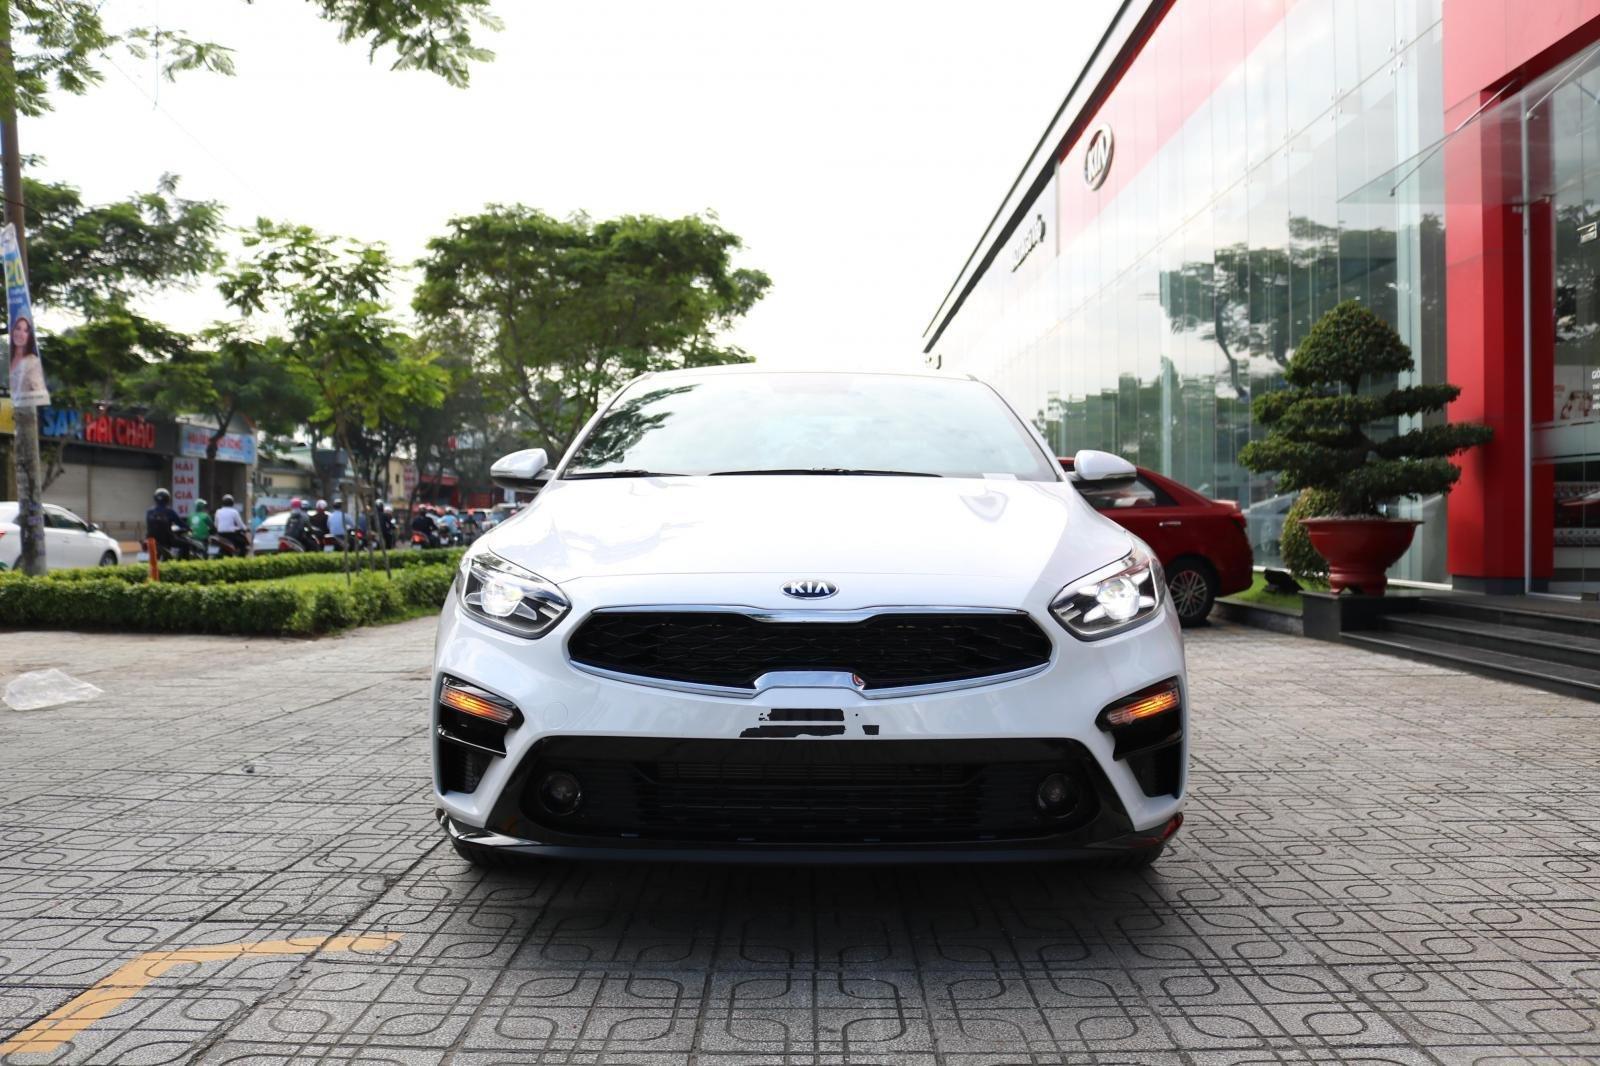 Kia Cerato 2019 - Màu trắng - mới 100% - giá tốt huyện Củ Chi (2)